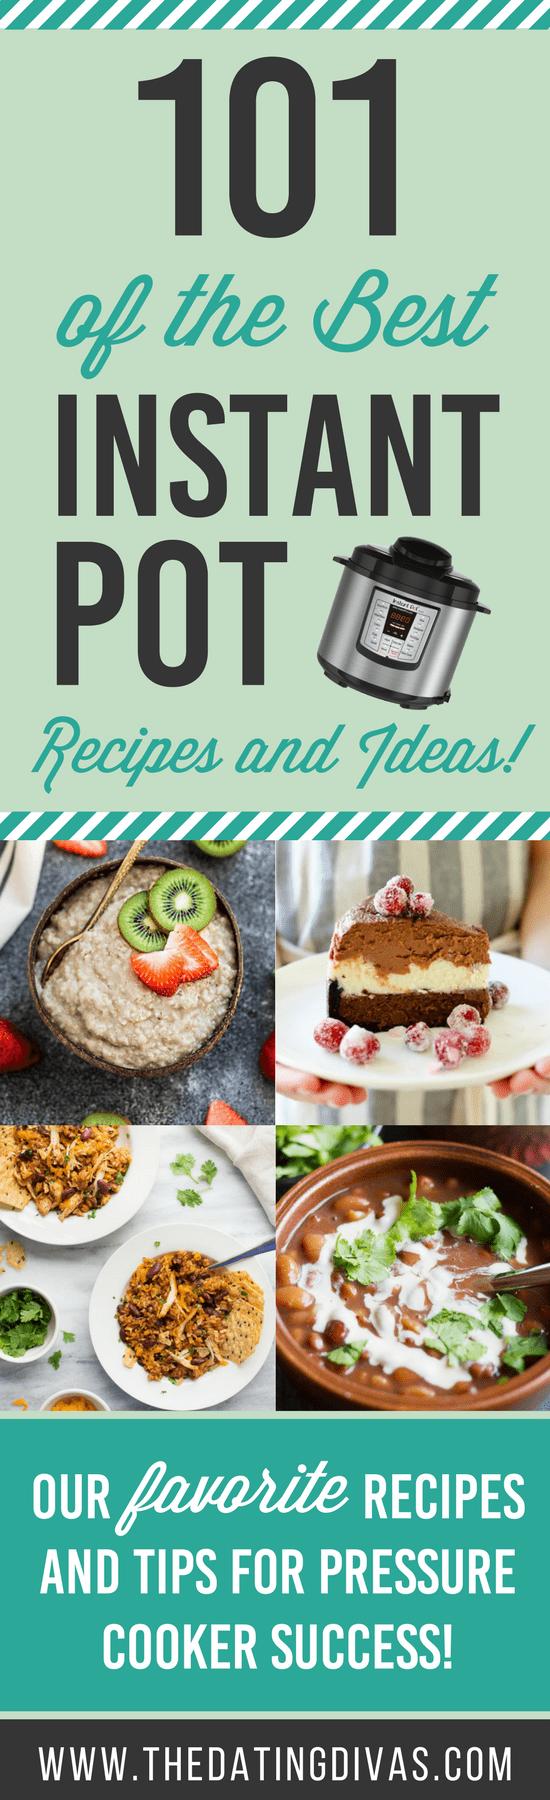 Best Instant Pot Recipes #bestrecipes #instantpot